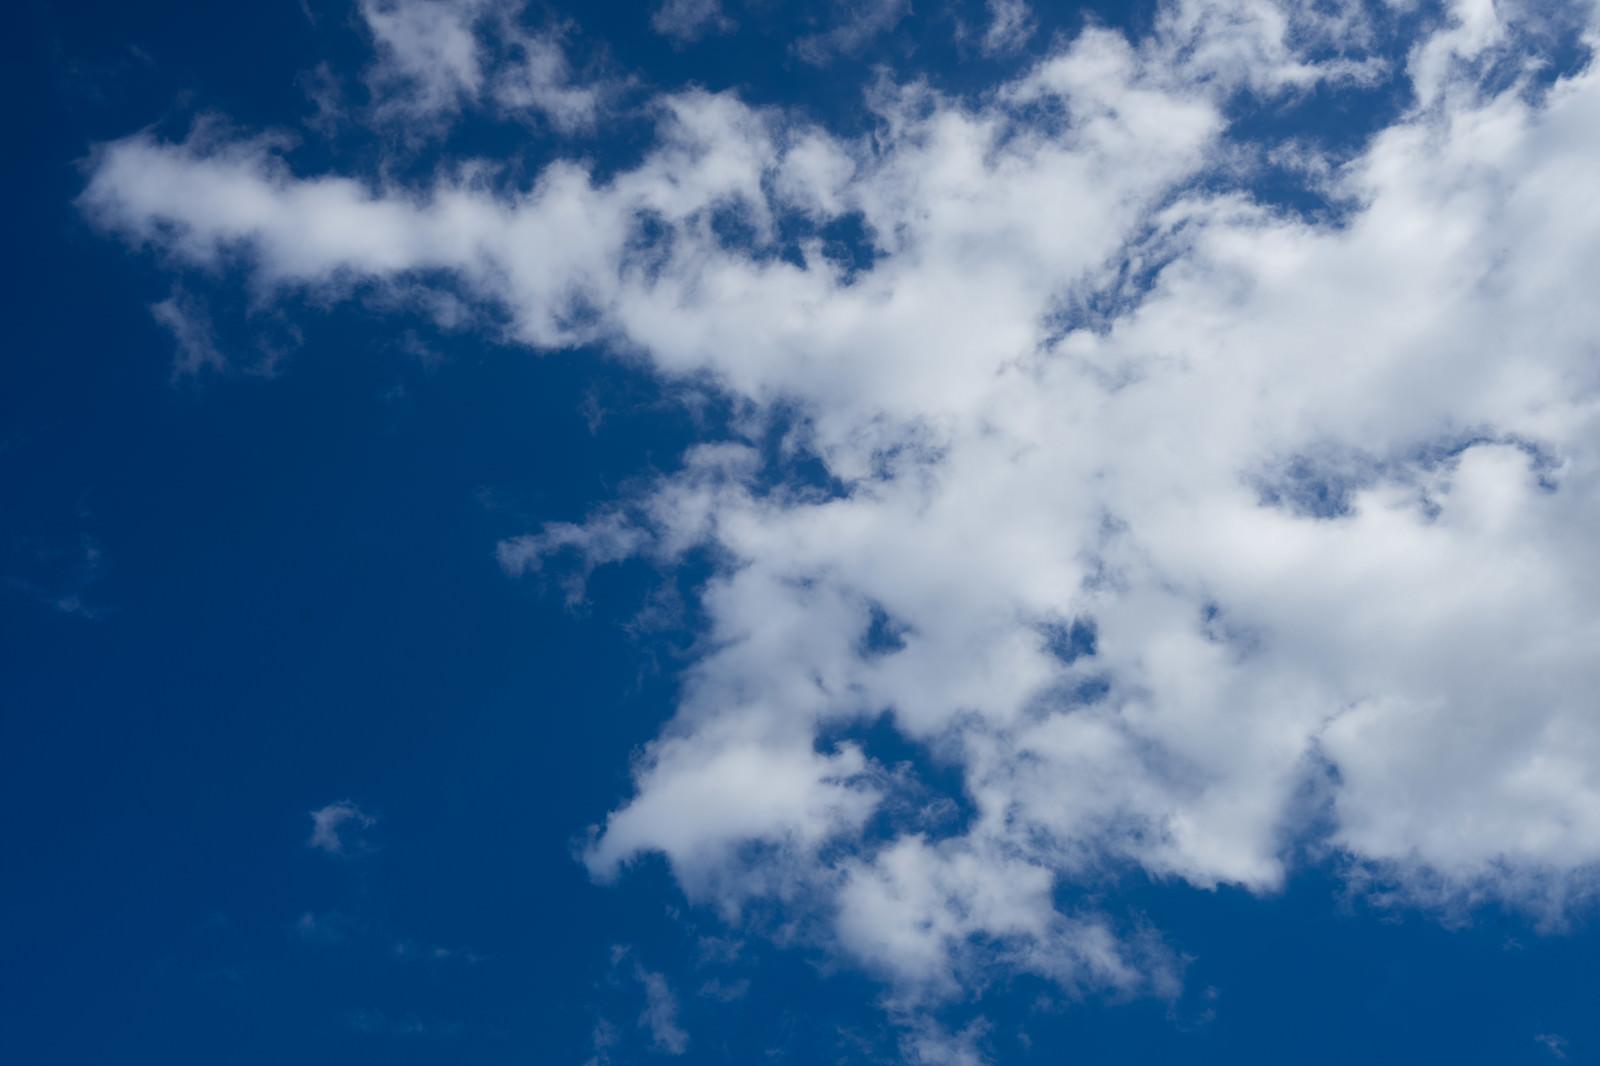 「空と雲 | 写真の無料素材・フリー素材 - ぱくたそ」の写真